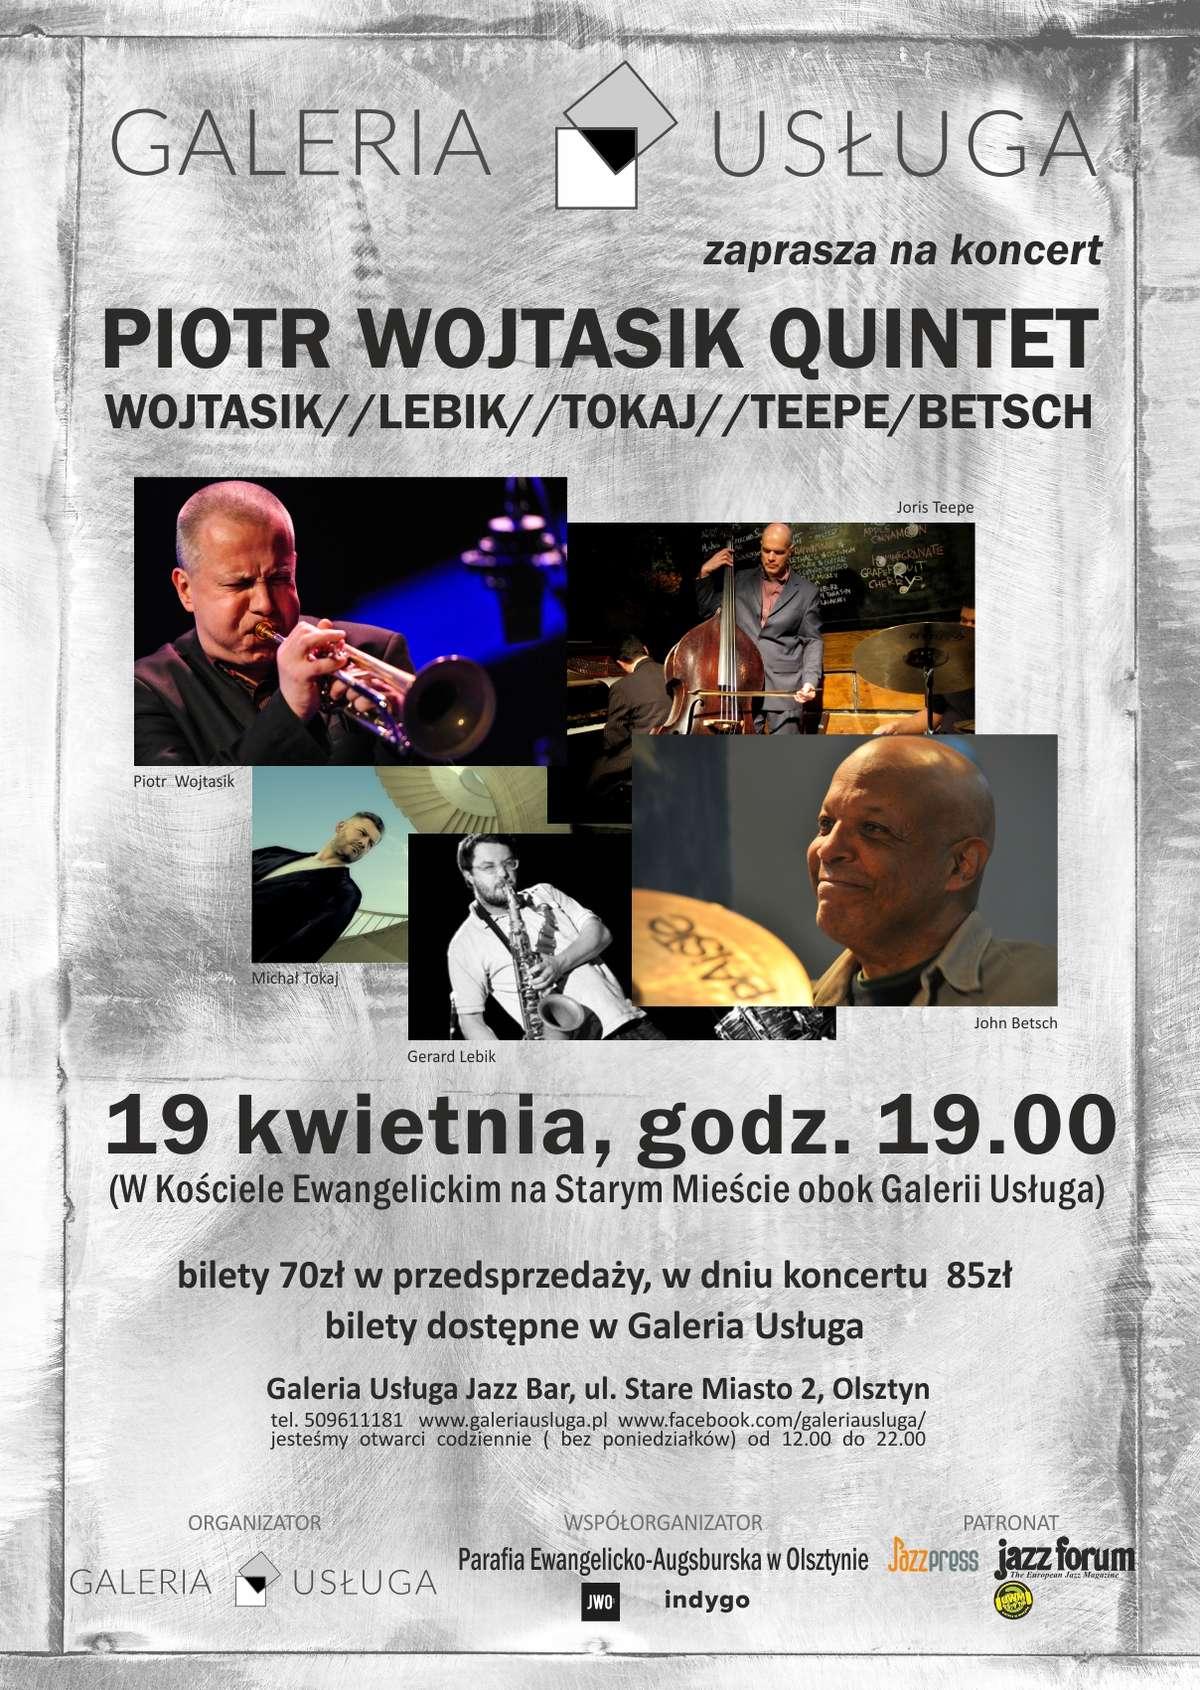 Piotr Wojtasik Quintet w Galerii Usługa w Olsztynie - full image